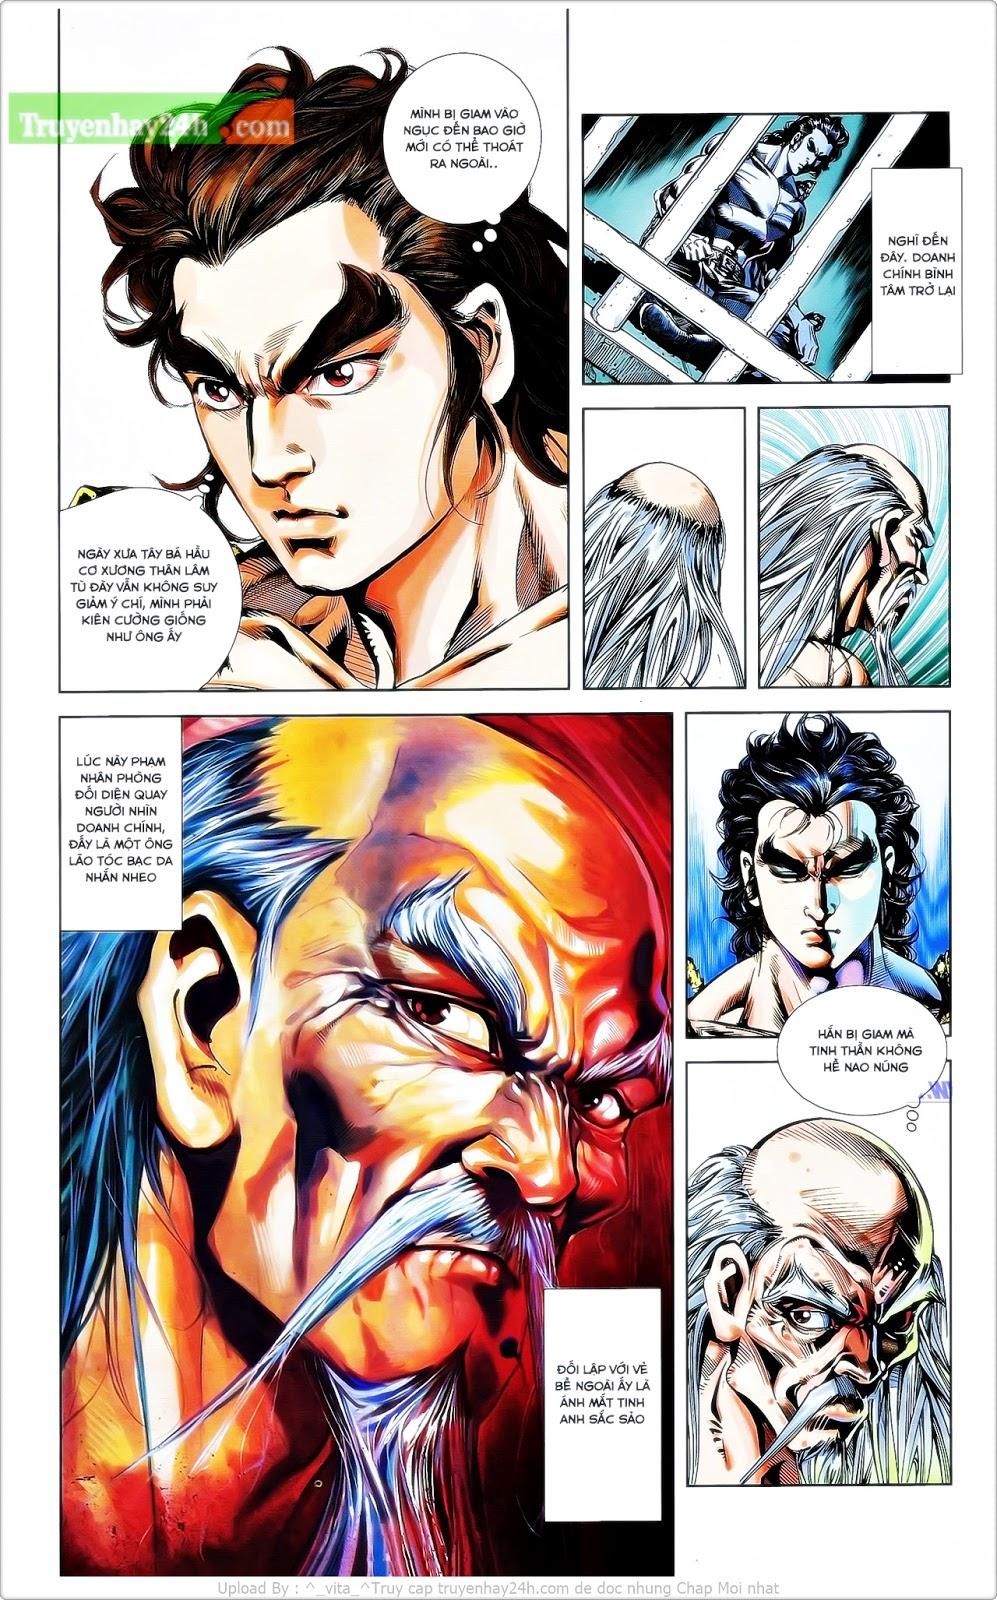 Tần Vương Doanh Chính chapter 24 trang 21